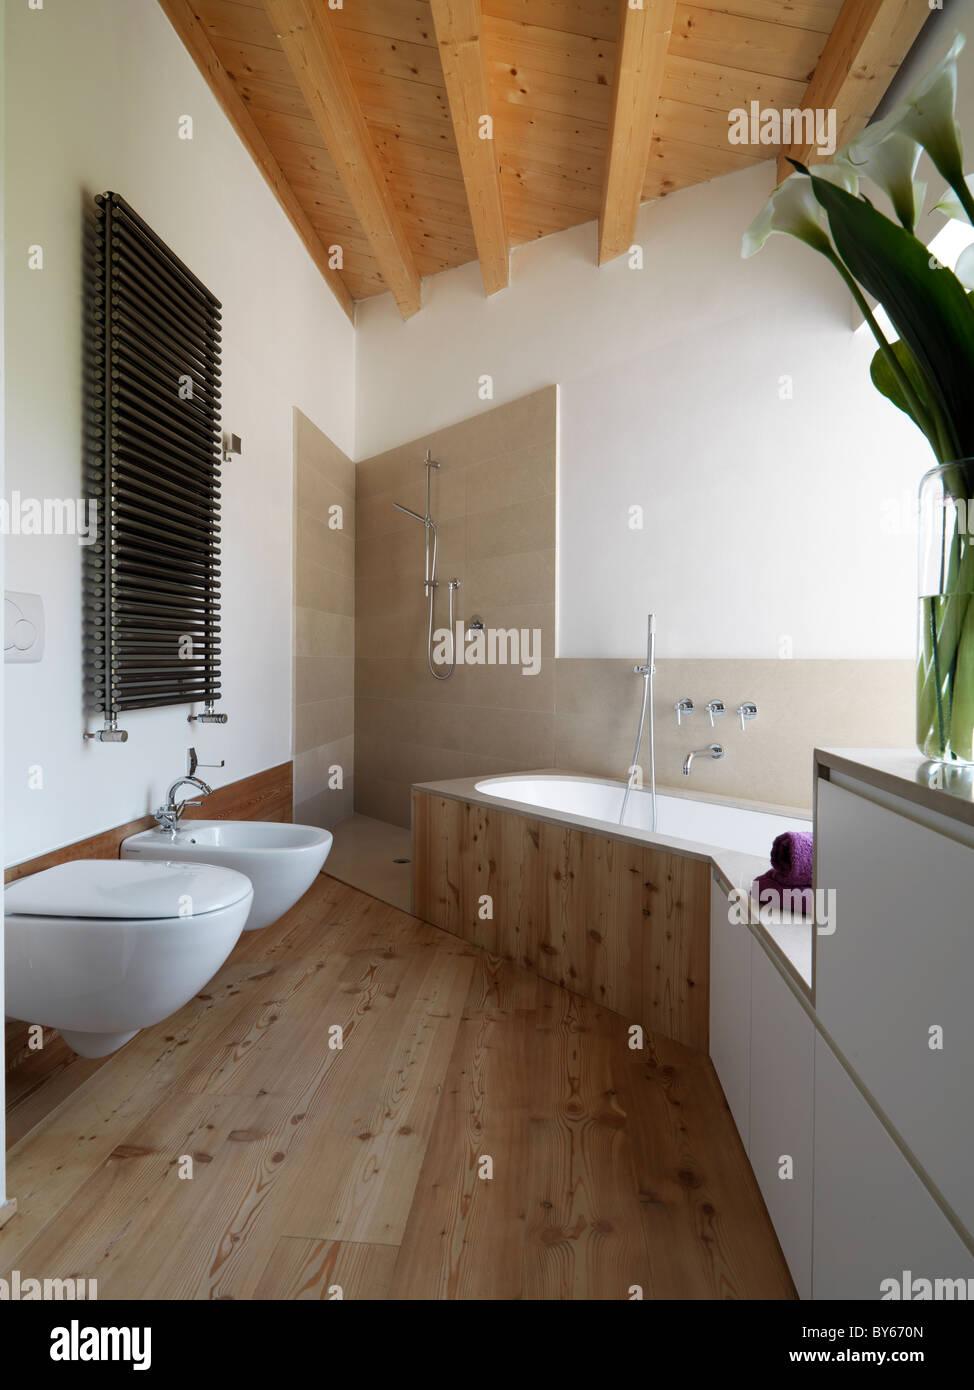 modernes Bad mit Holzboden und Badewanne Stockfoto, Bild ...